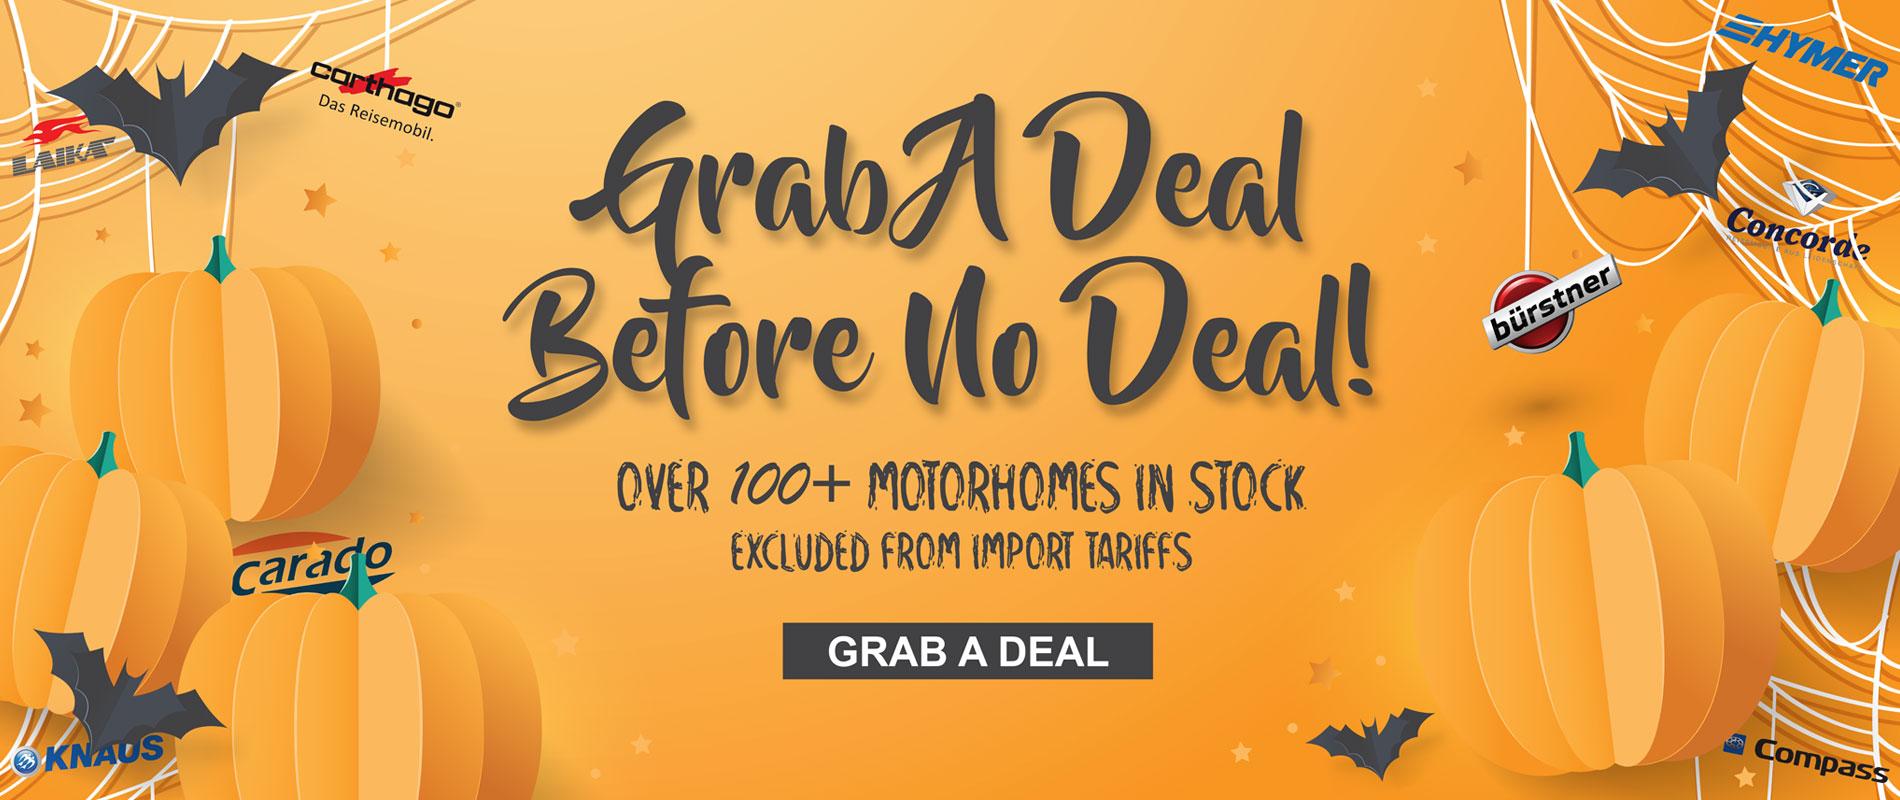 Grab A Deal Before No Deal